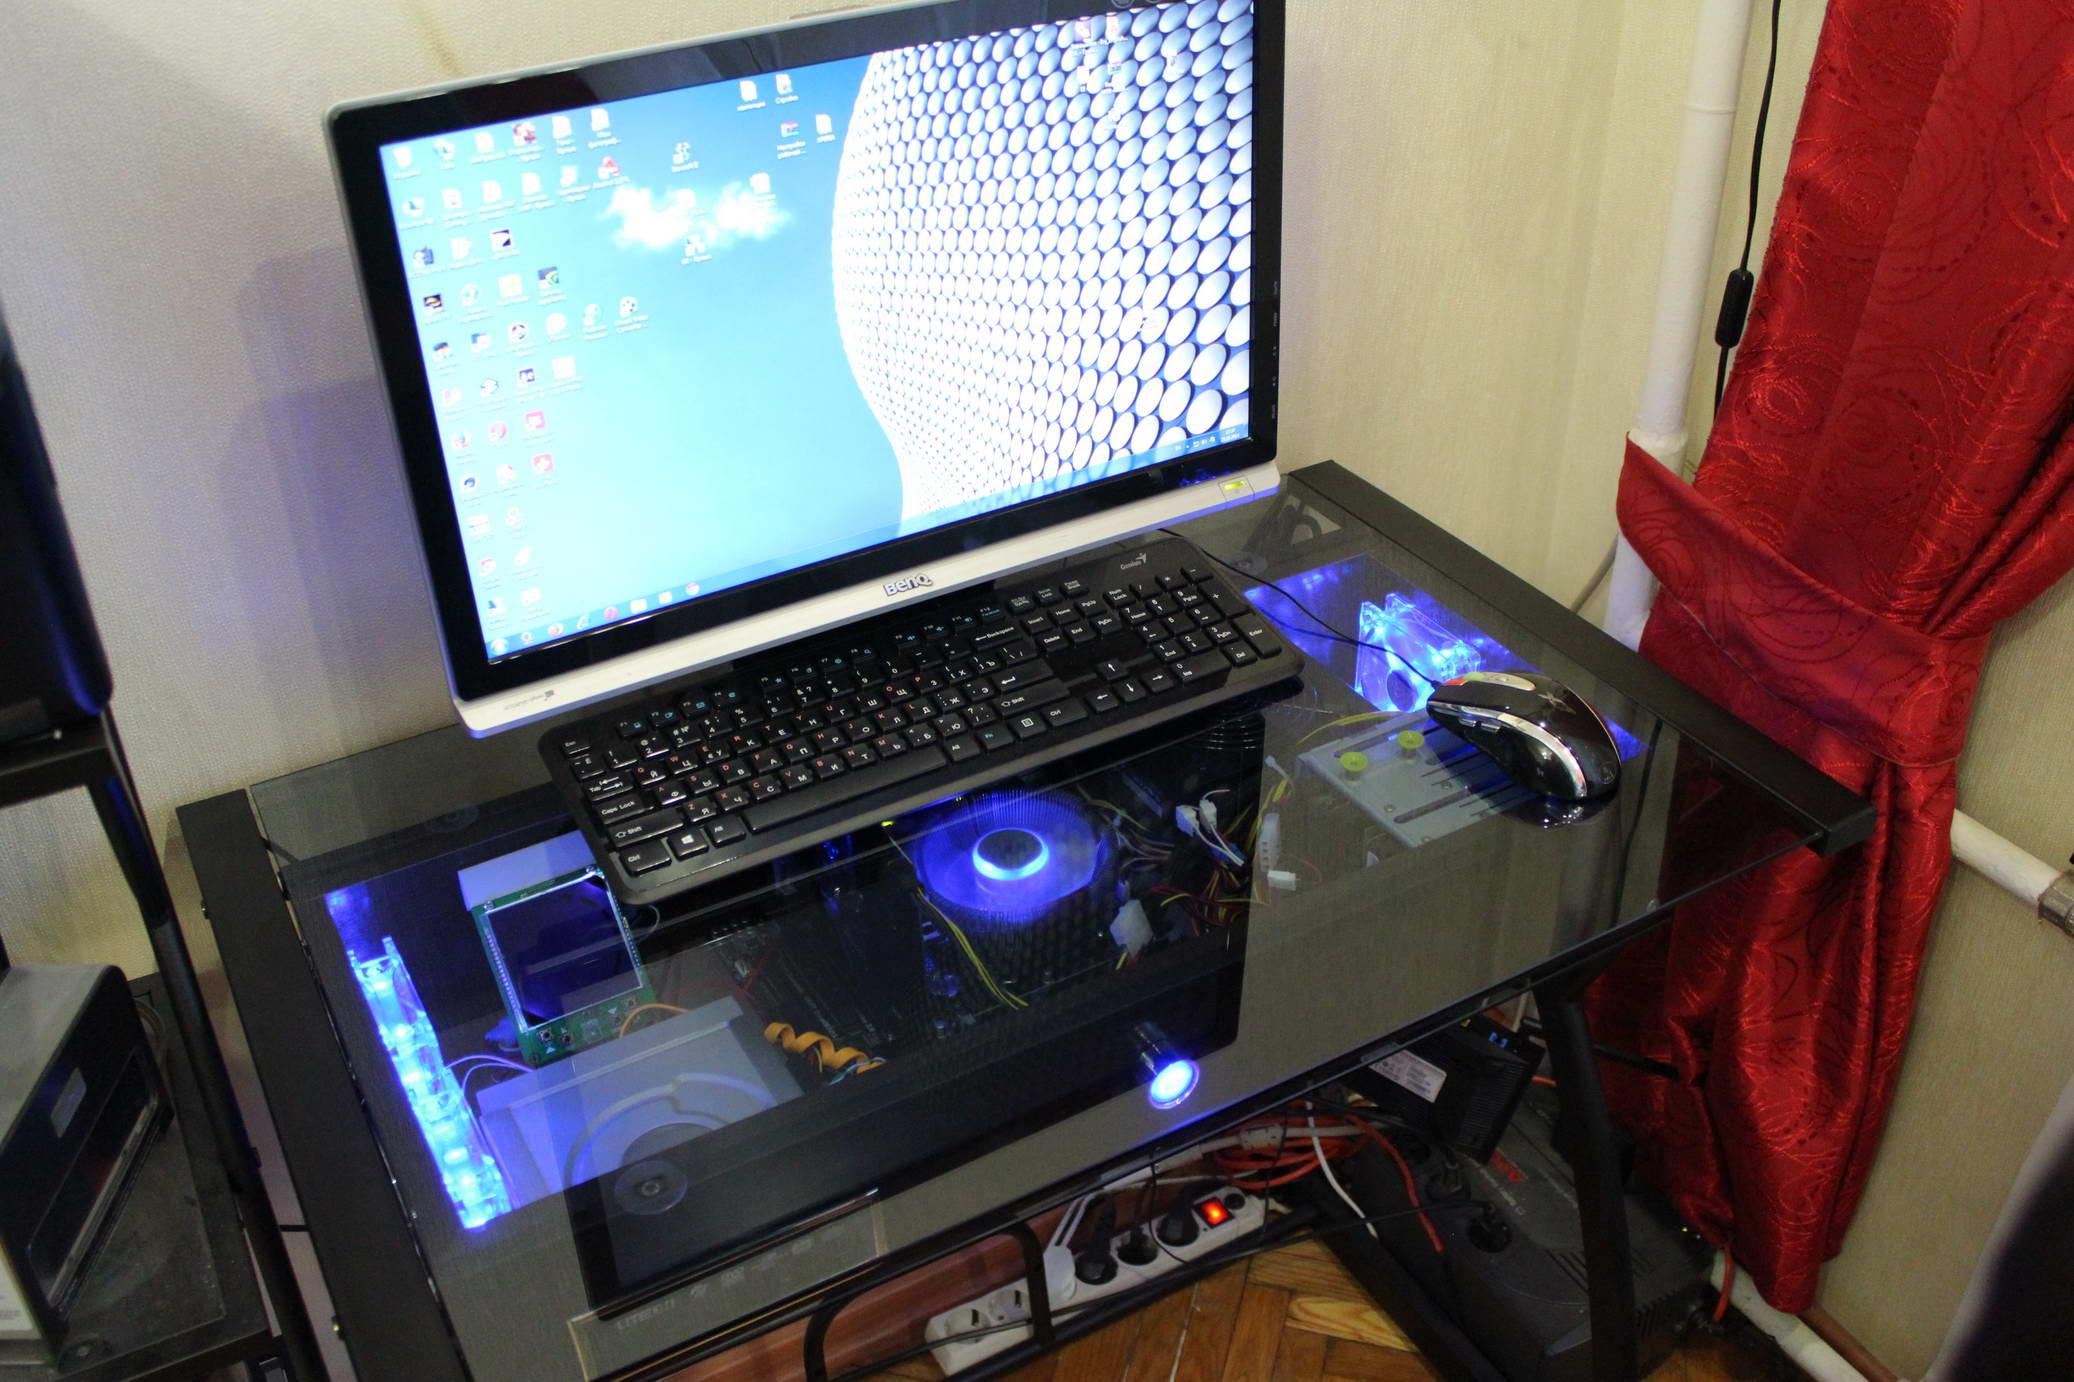 Компьютерный стол или стол-компьютер - Яплакалъ.